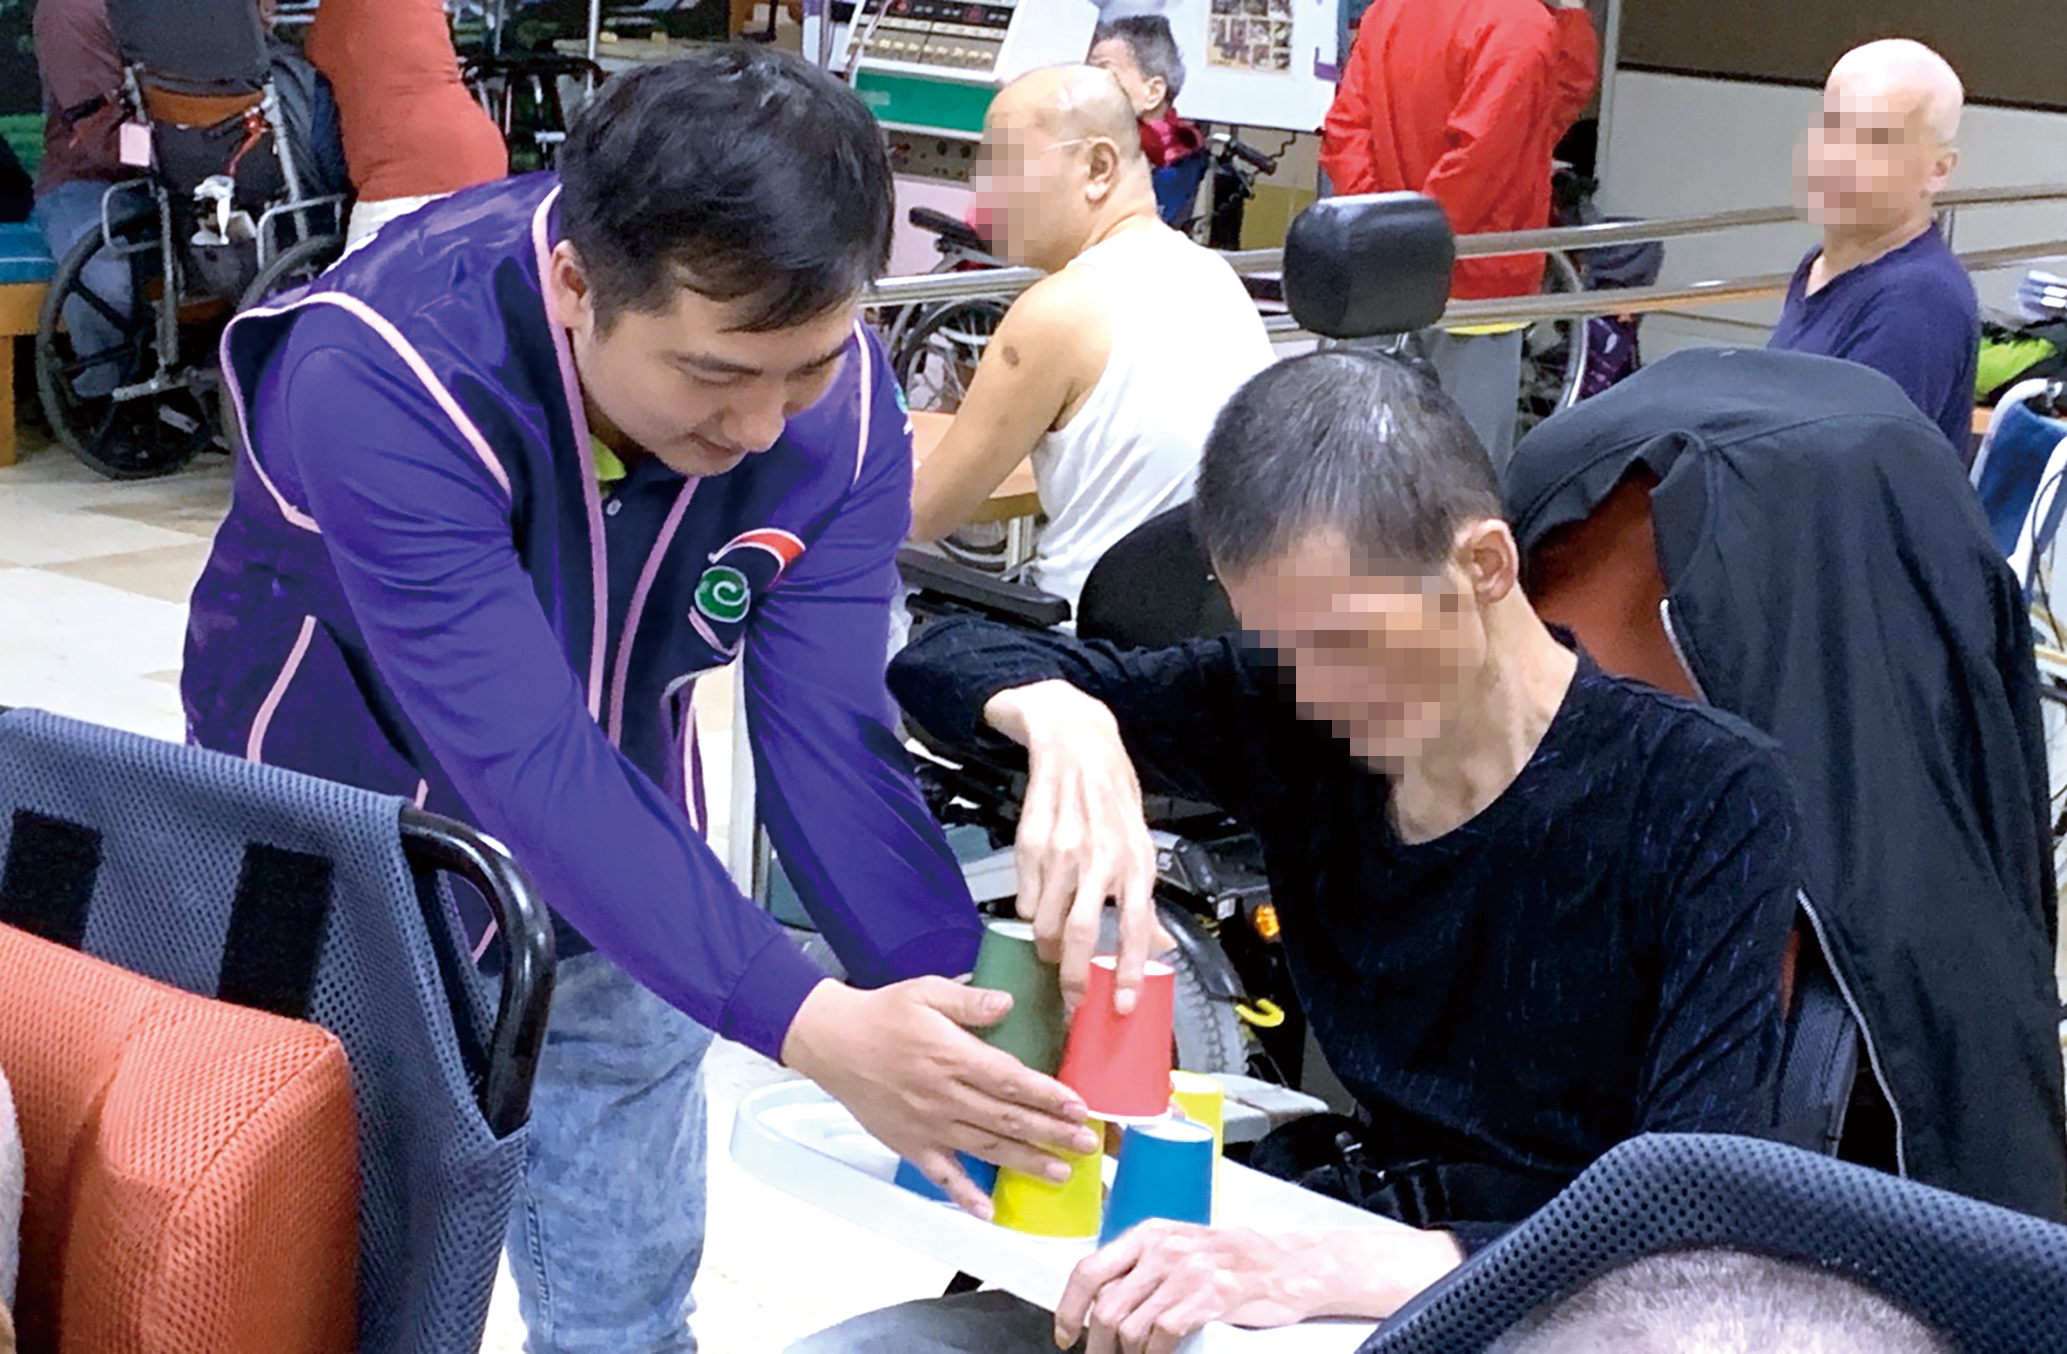 志工陪伴長輩完成「疊杯子」任務,內心都充滿成就感與喜悅。